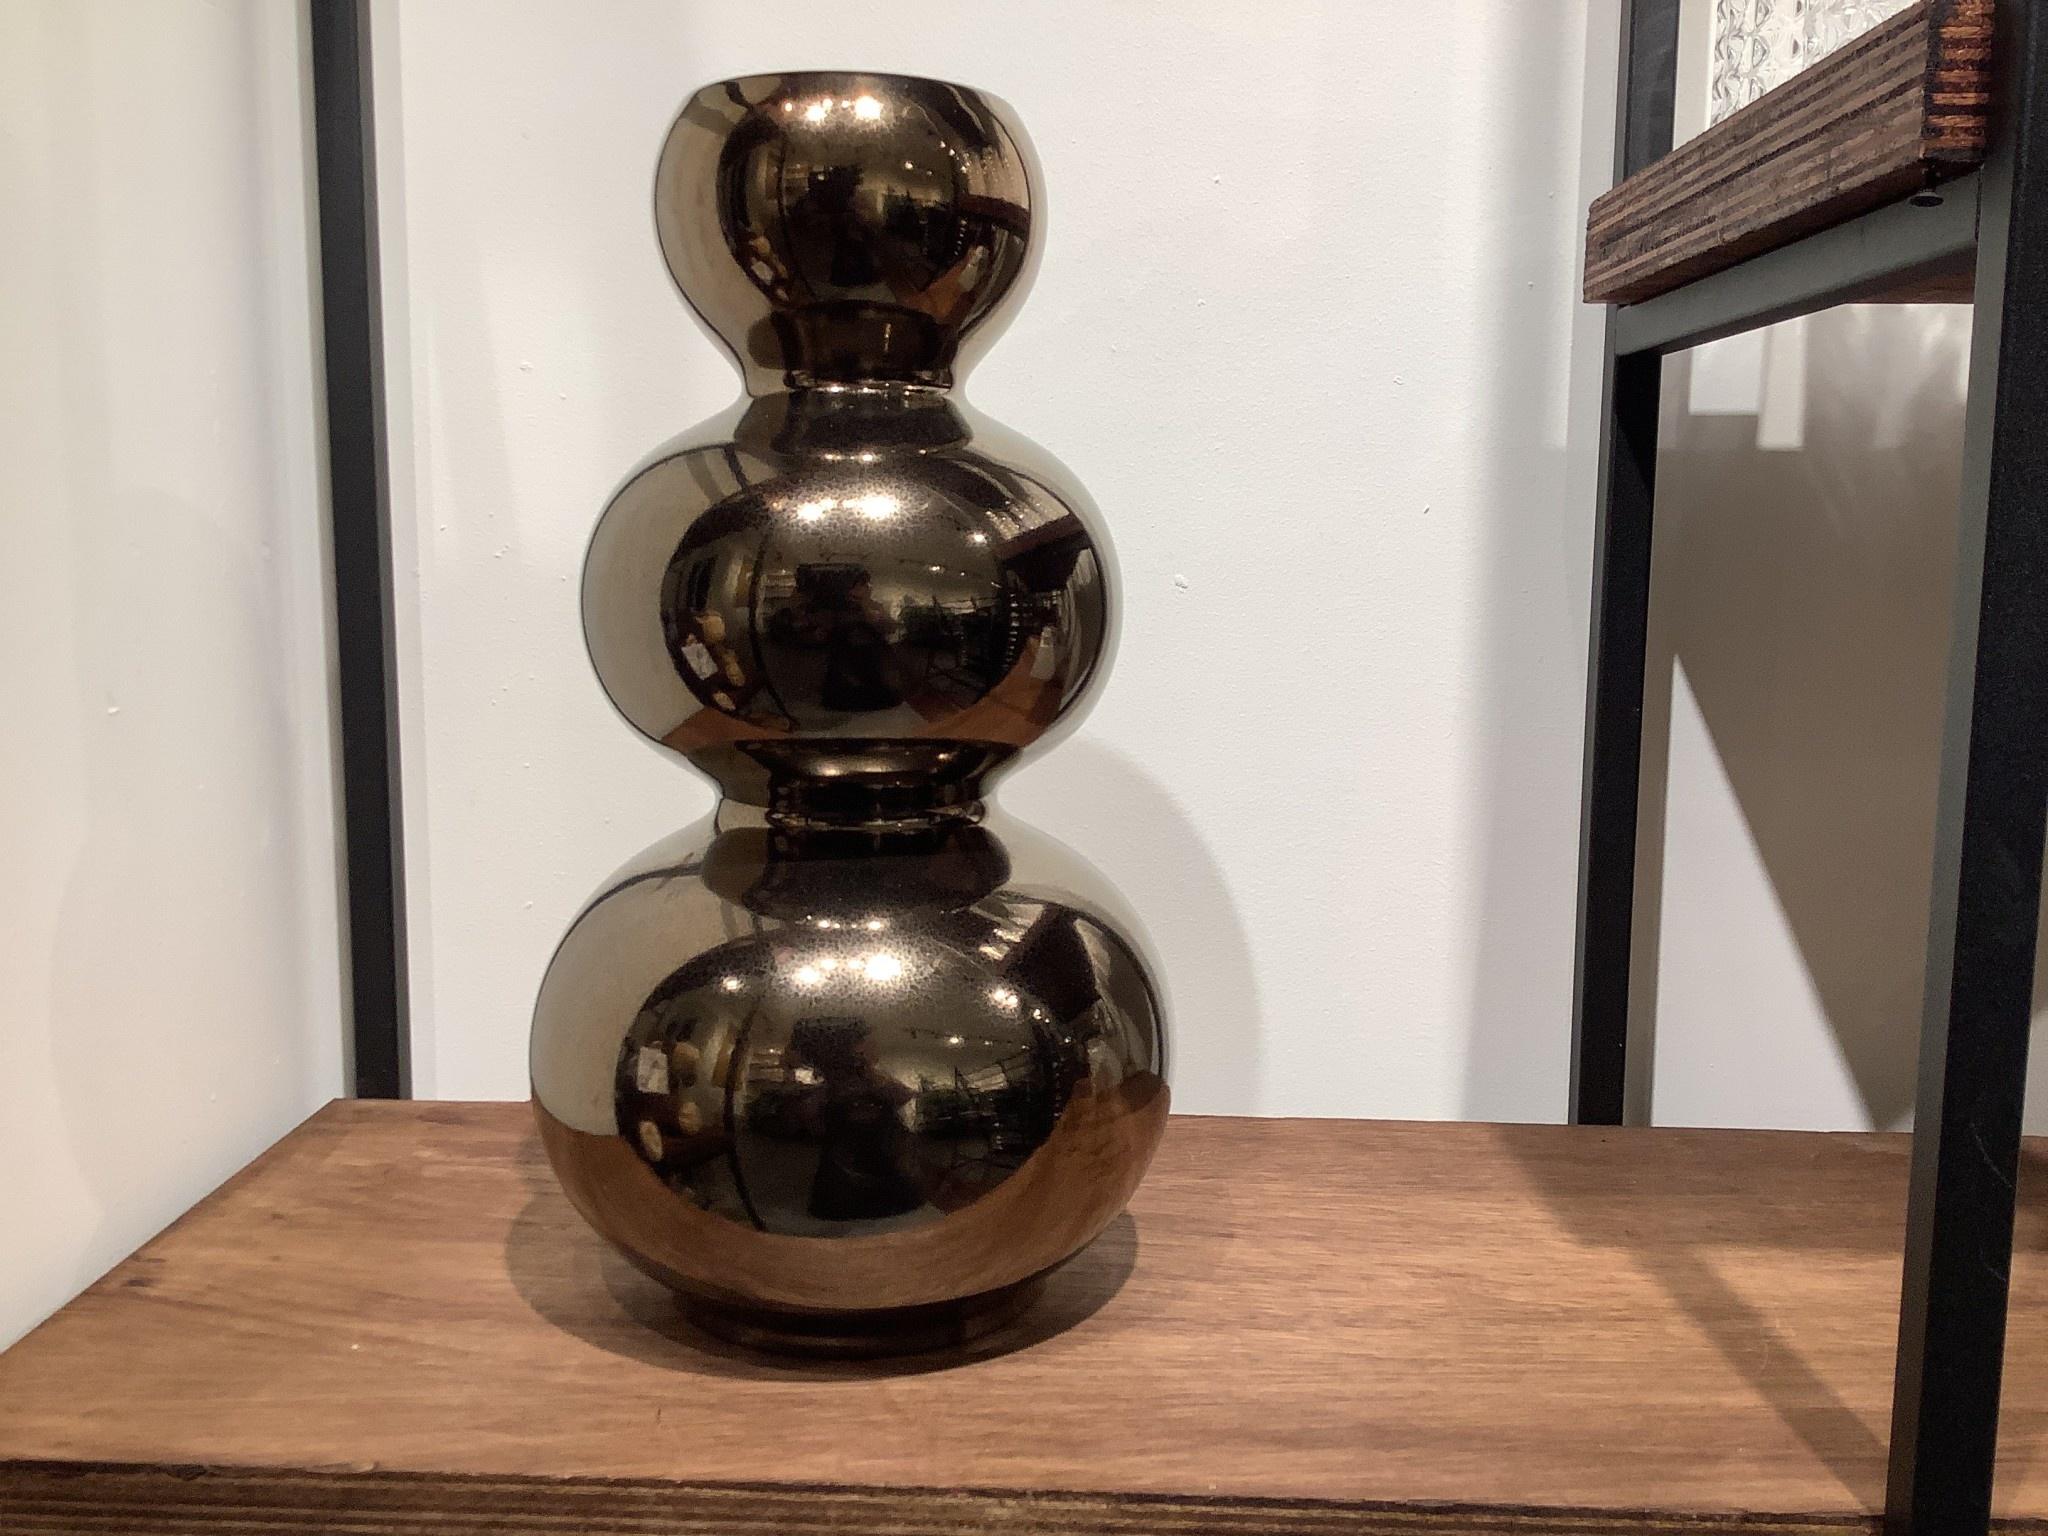 Vaas Maurice drie bollen goud 41 cm hoog